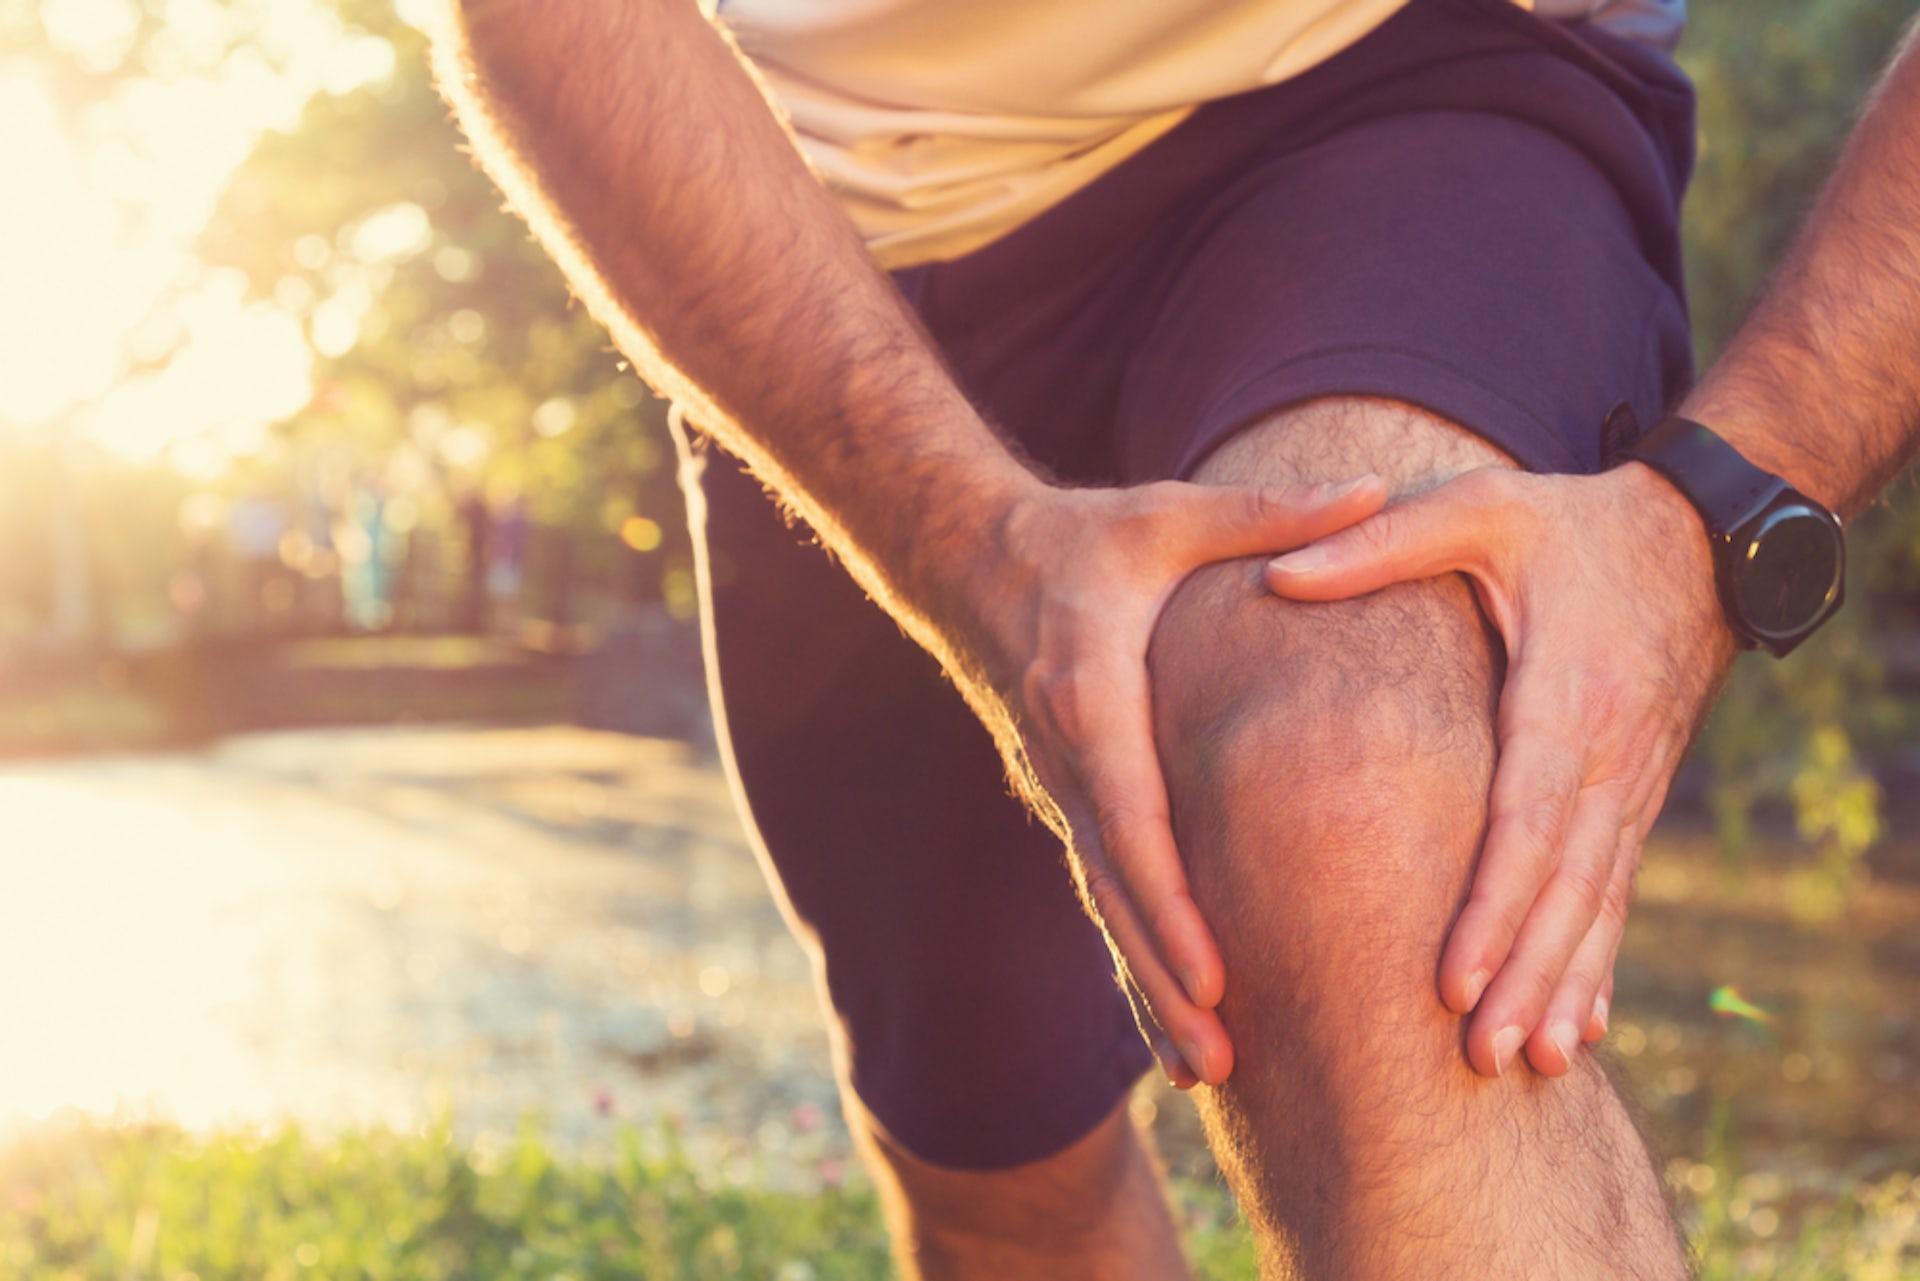 Penyebab nyeri tulang tangan